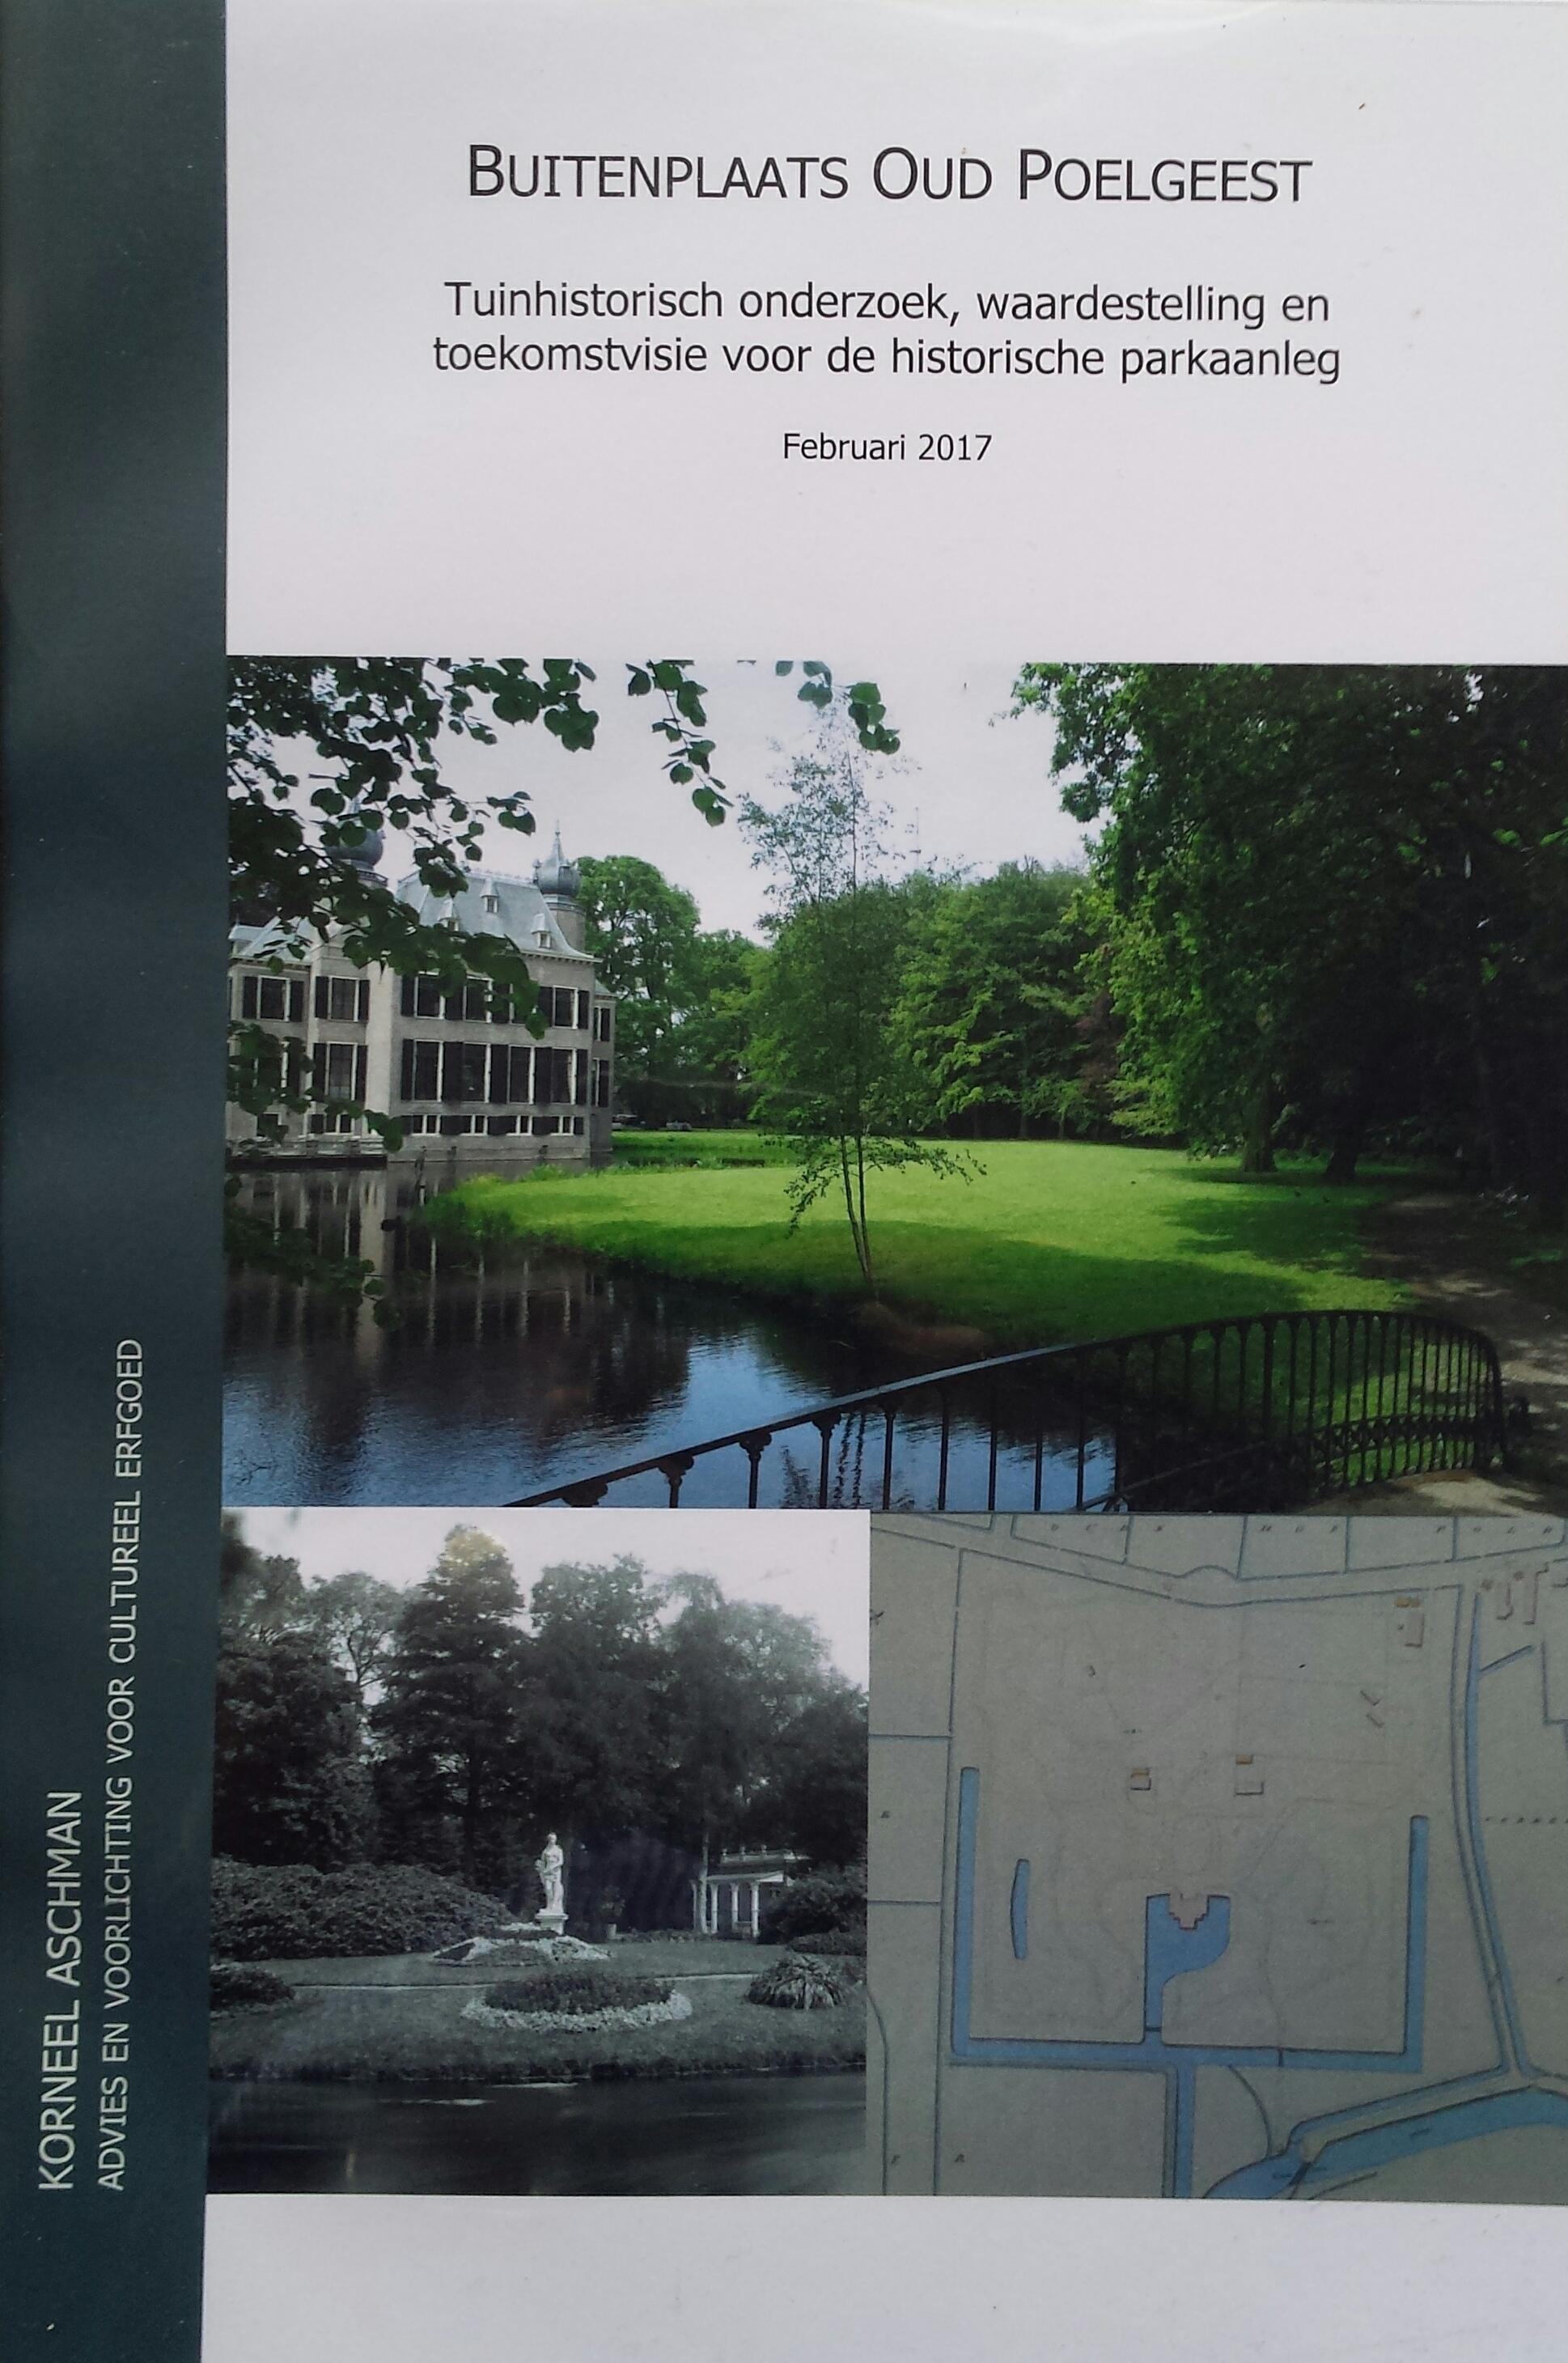 https://historischeverenigingoegstgeest.nl/images/publicaties/Buitenplaats_Oud-Poelgeest.jpg